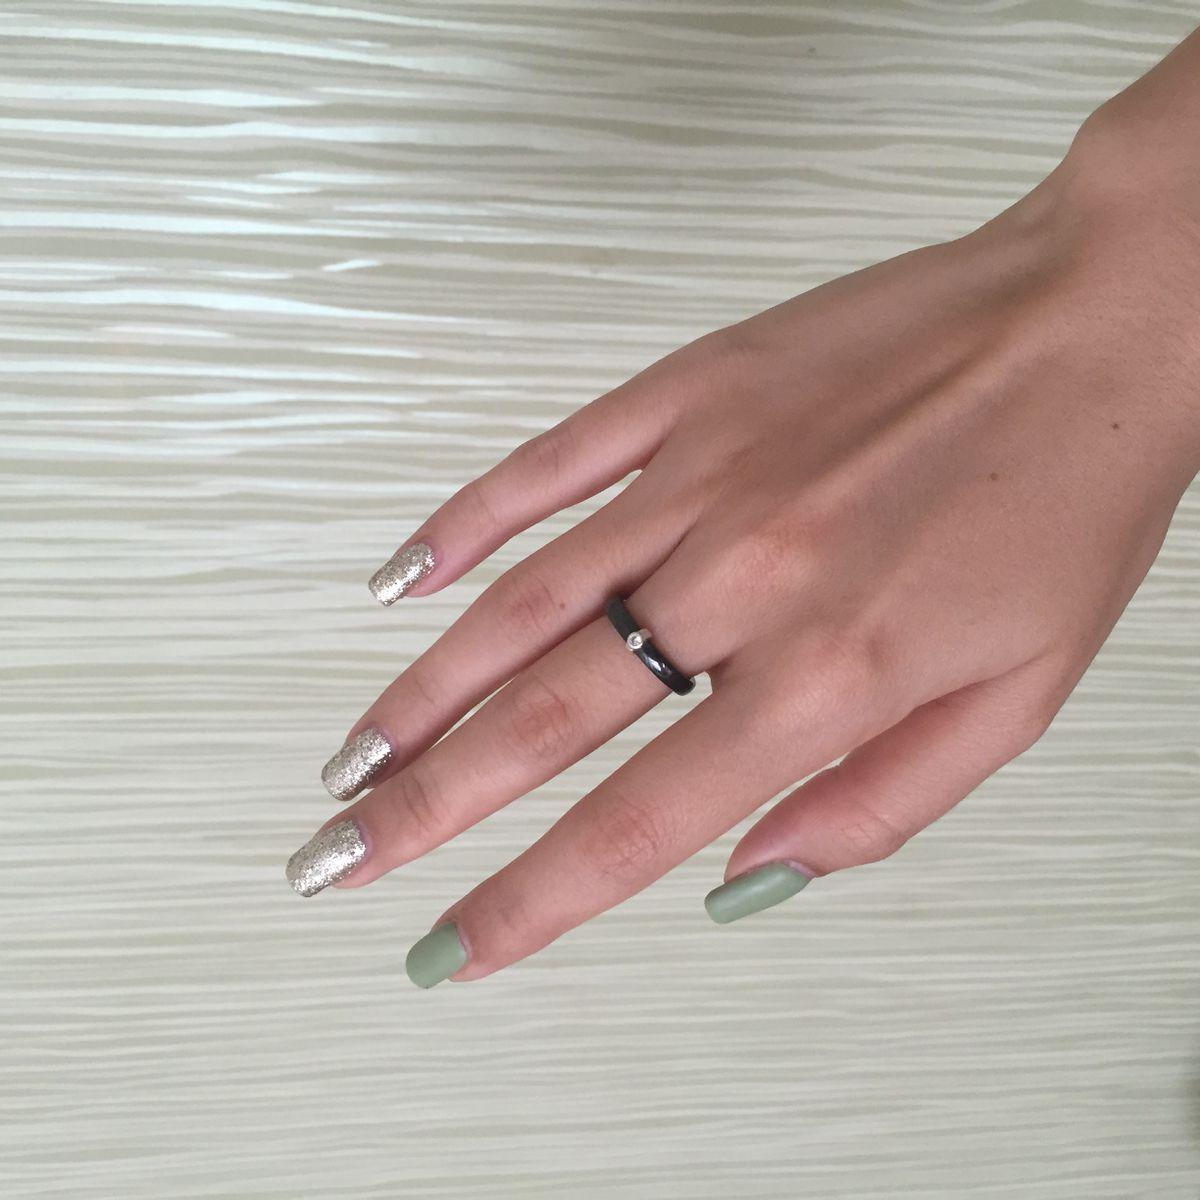 Моё самое любимое кольцо!